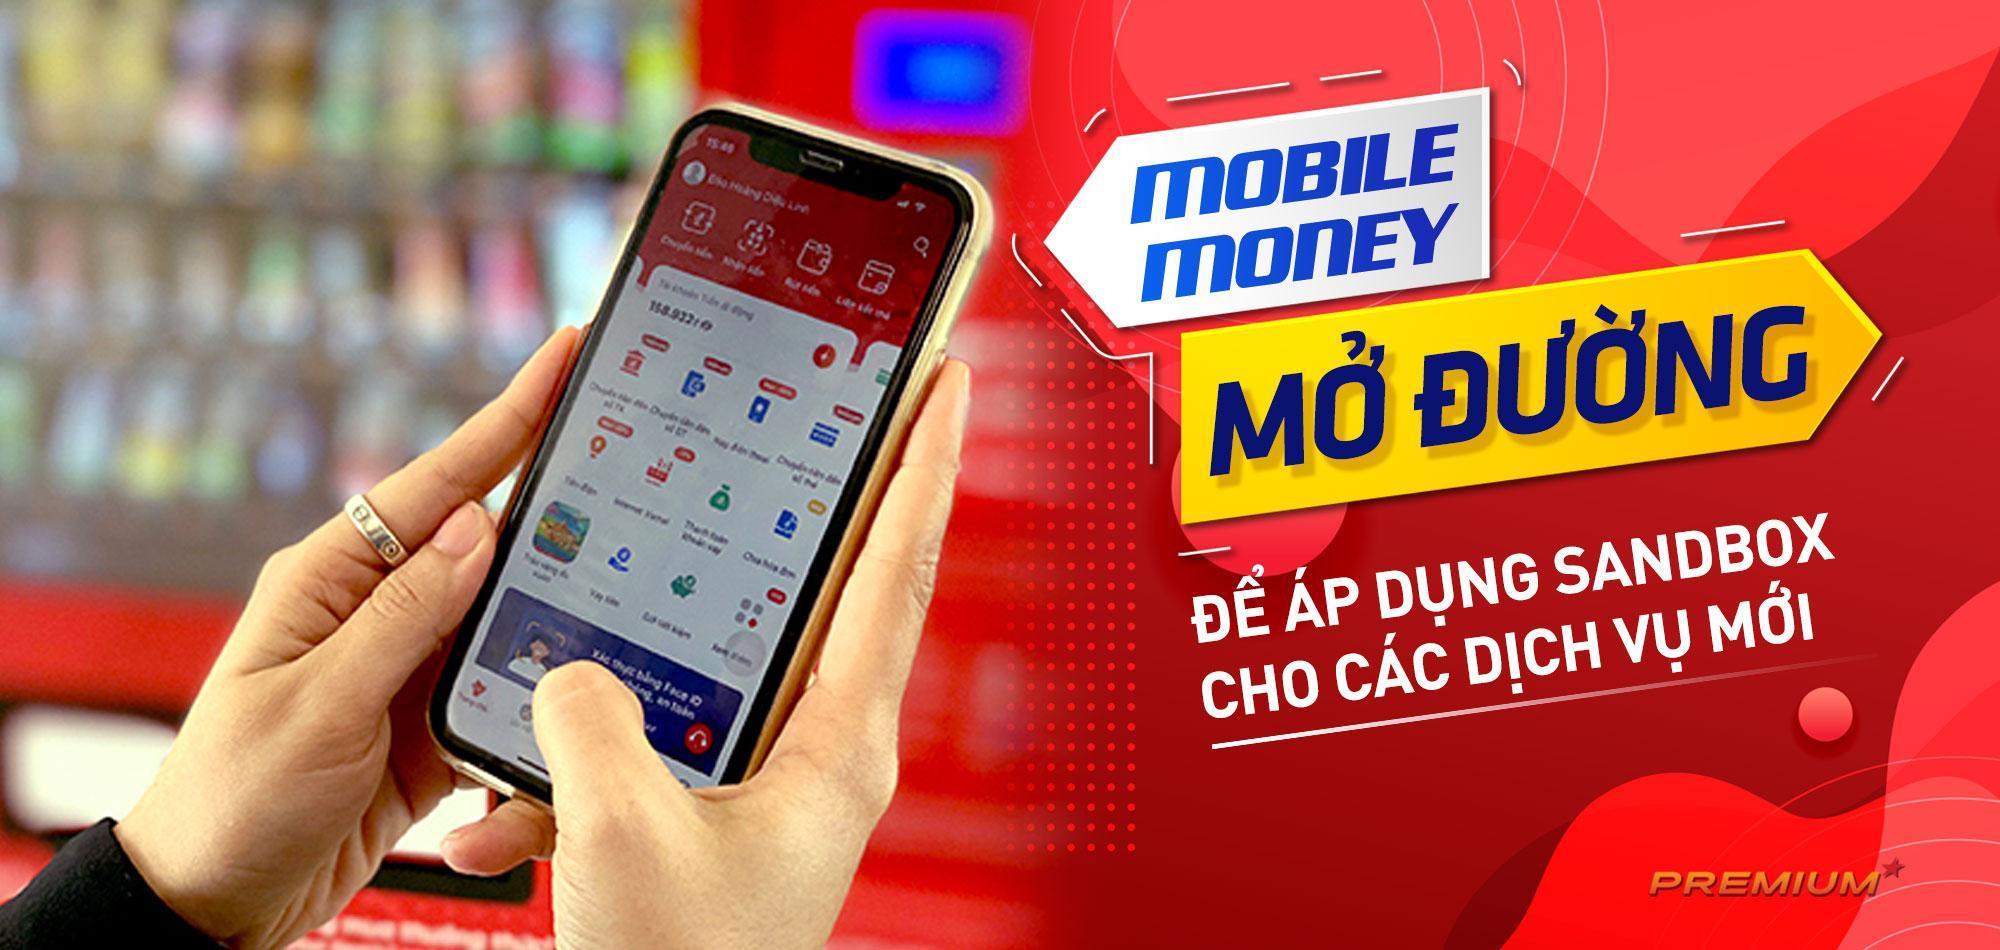 Mobile Money mở đường để áp dụng Sandbox cho các dịch vụ mới